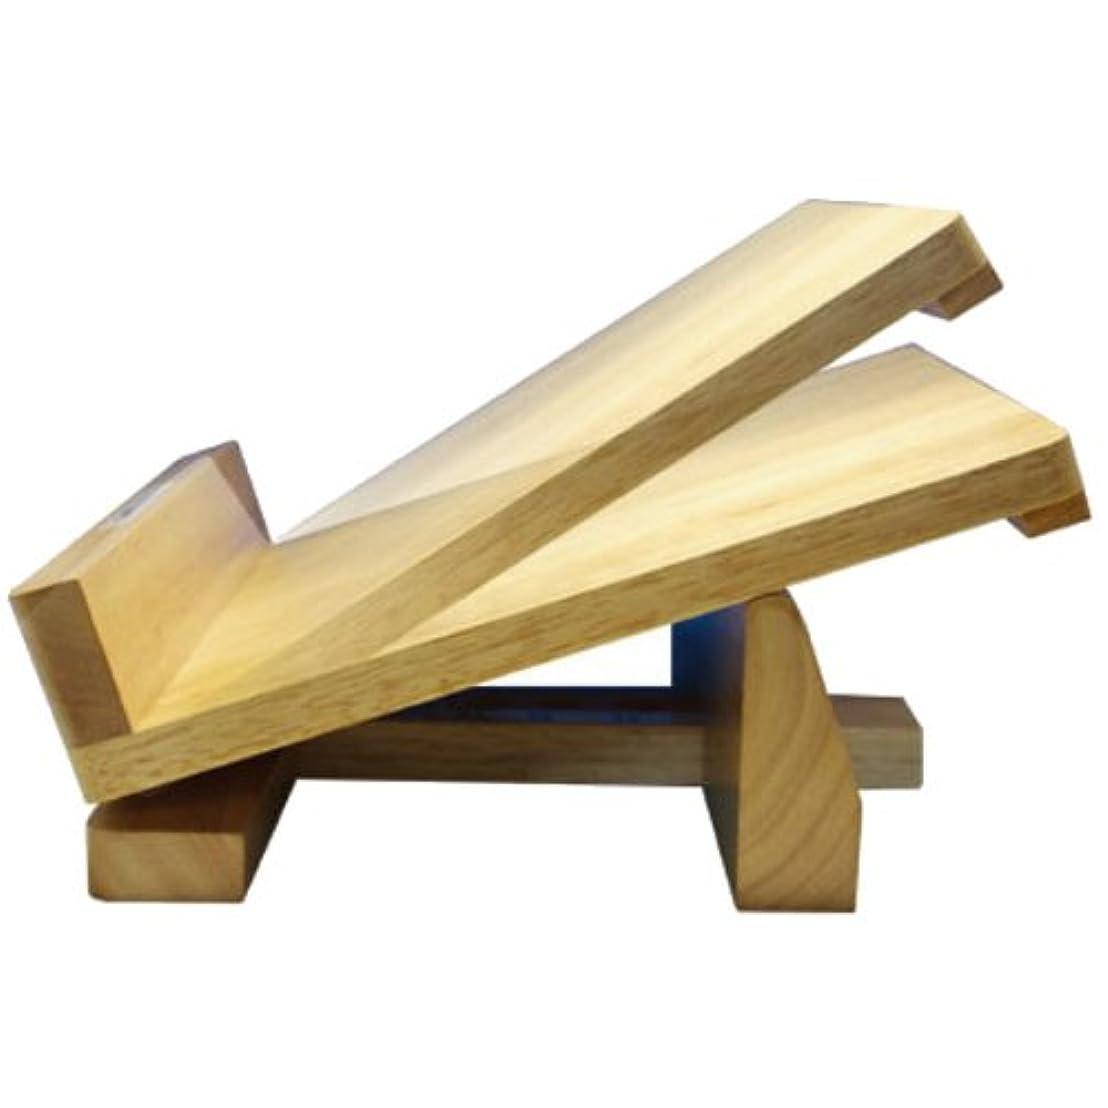 ヘルパー刺激する険しい4段階に調節で無理なくストレッチ『木製ストレッチボード(足首のびのび)』